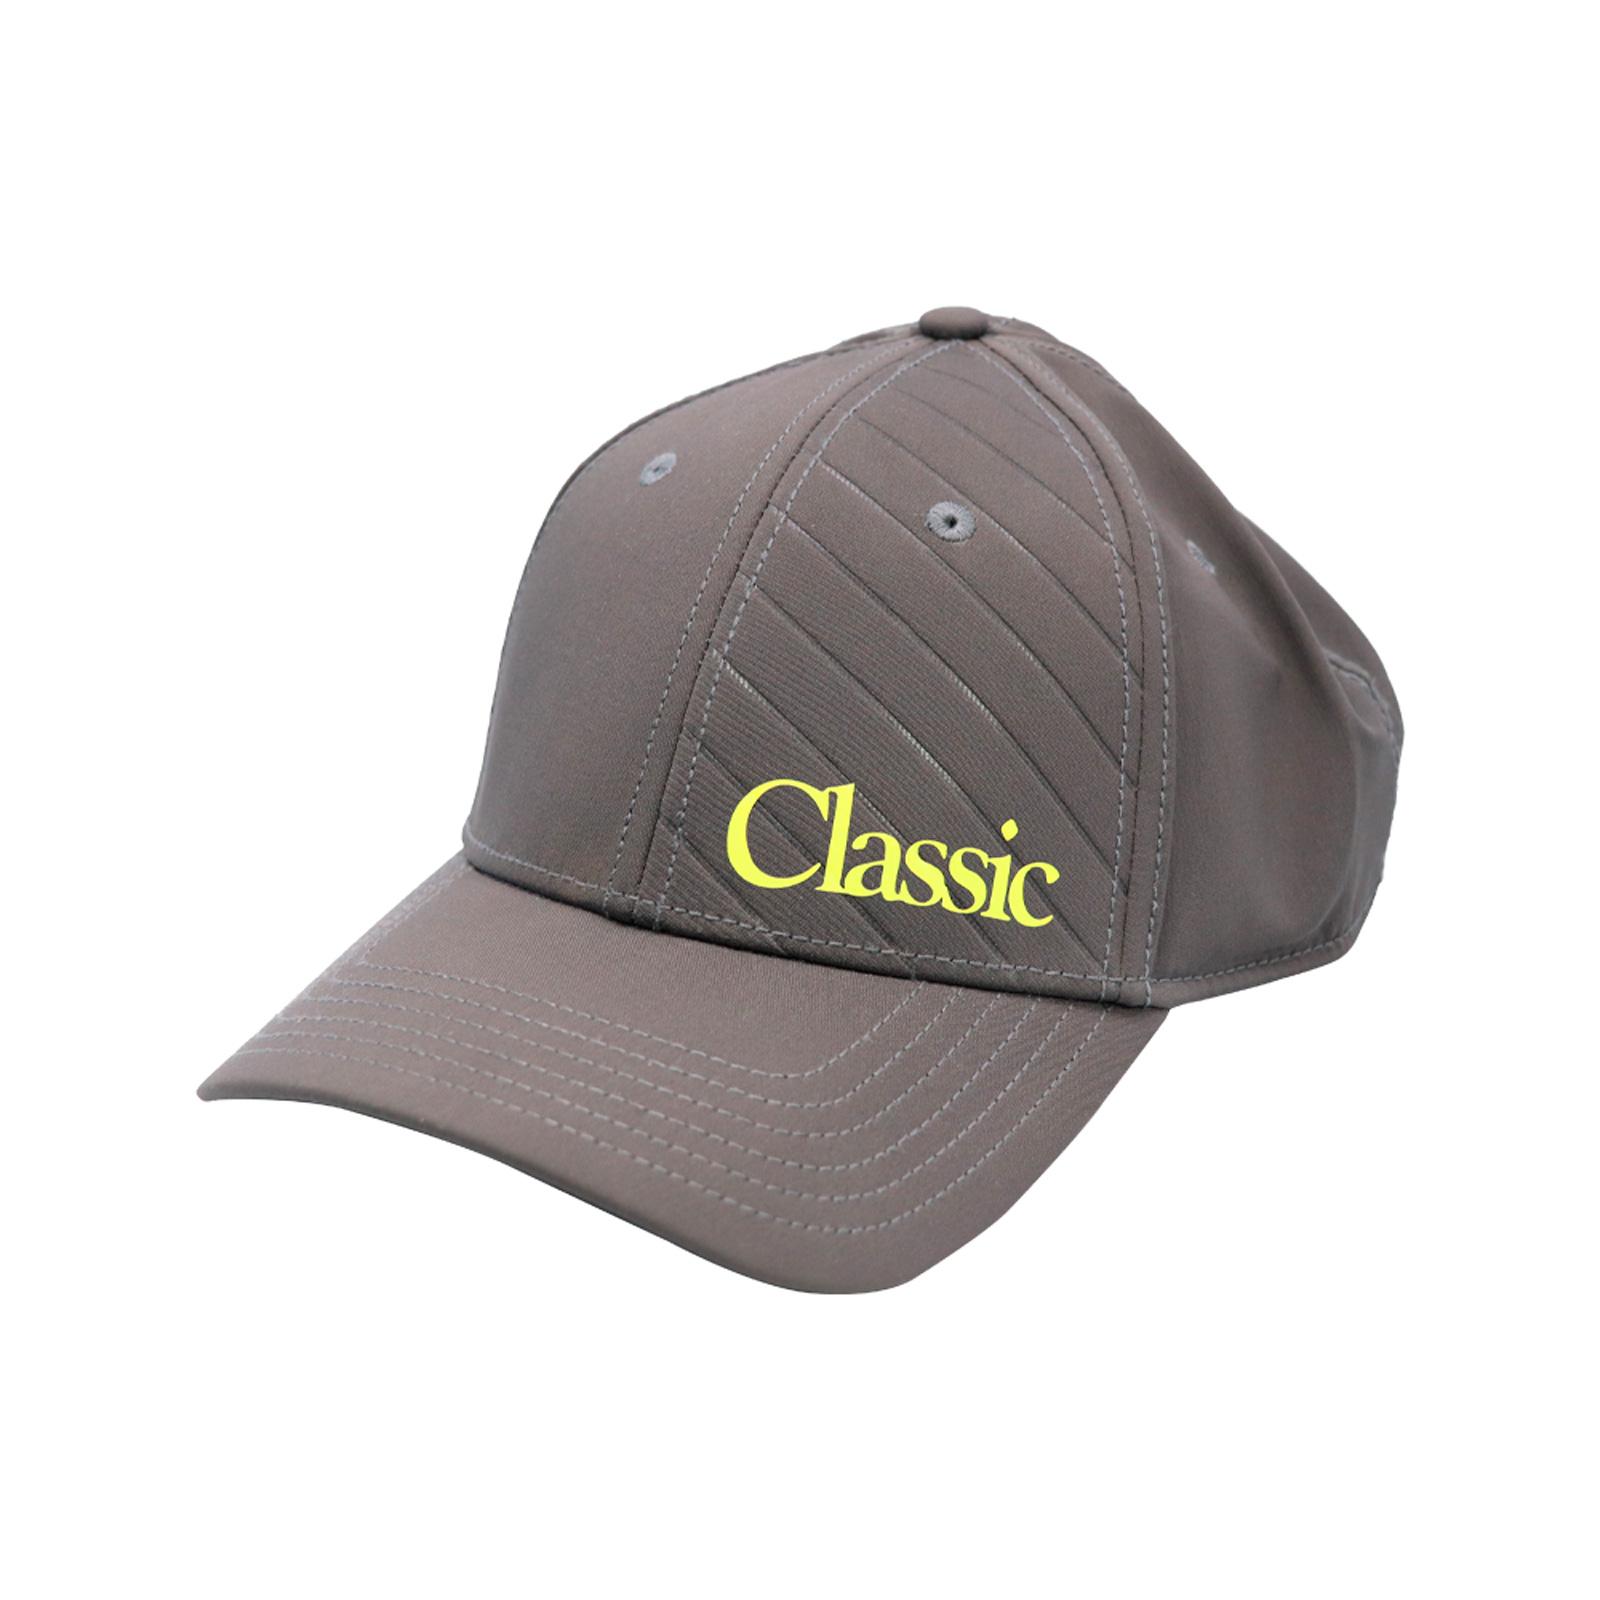 Boné de Algodão Classic Importado Cinza ClassicImp001